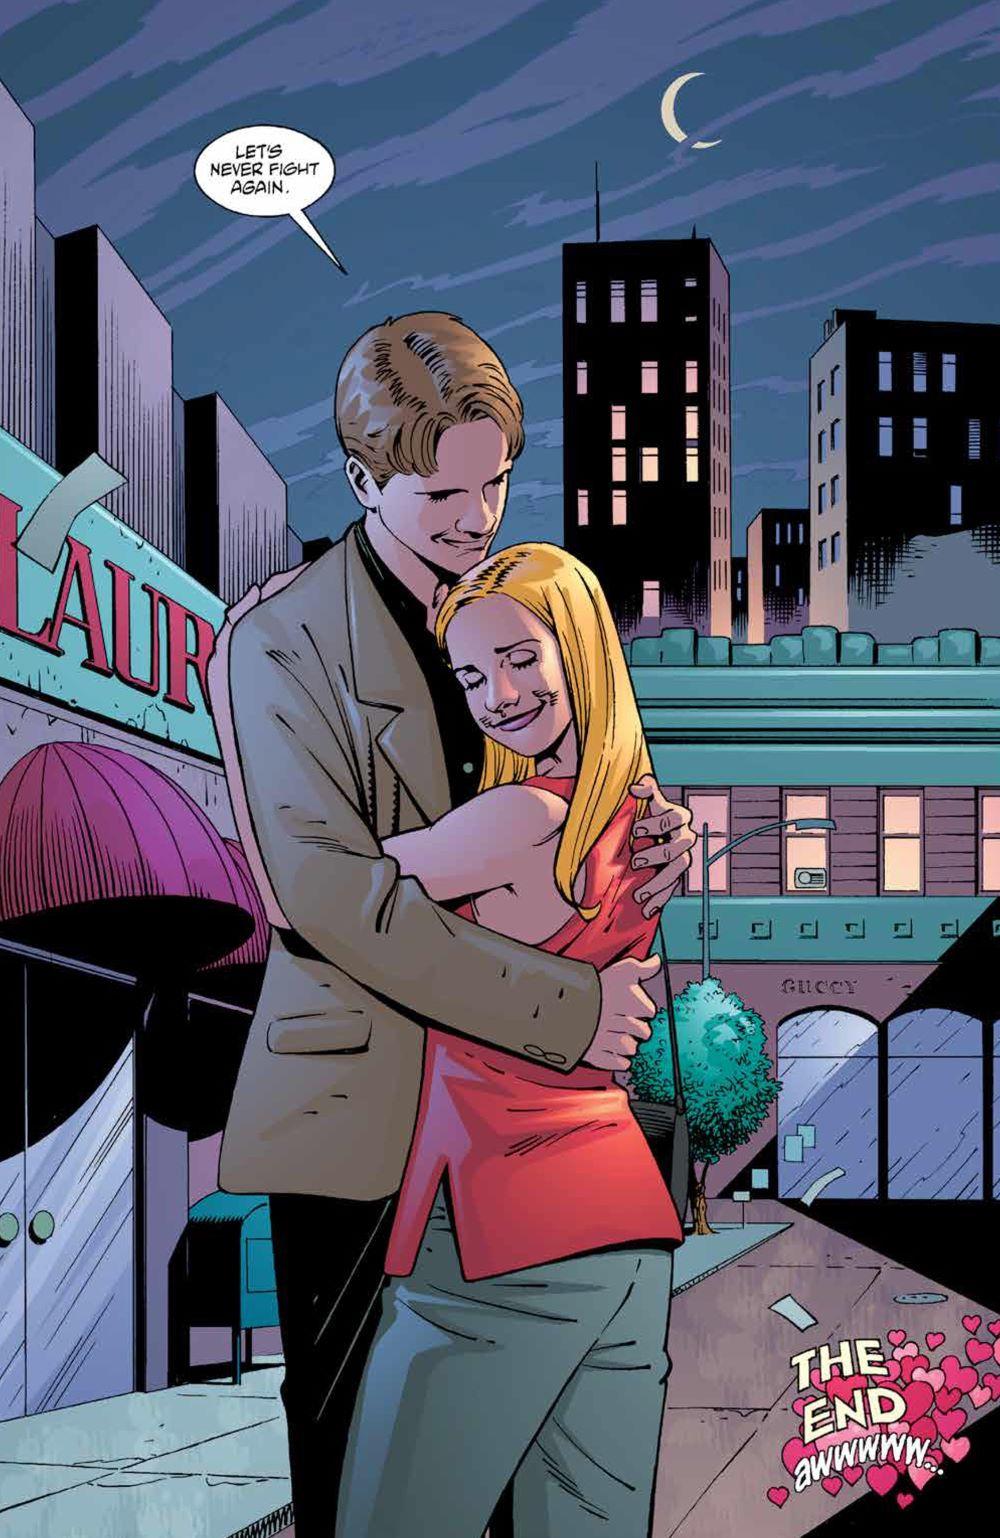 Buffy_Legacy_v4_SC_PRESS_16 ComicList Previews: BUFFY THE VAMPIRE SLAYER LEGACY EDITION VOLUME 4 SC